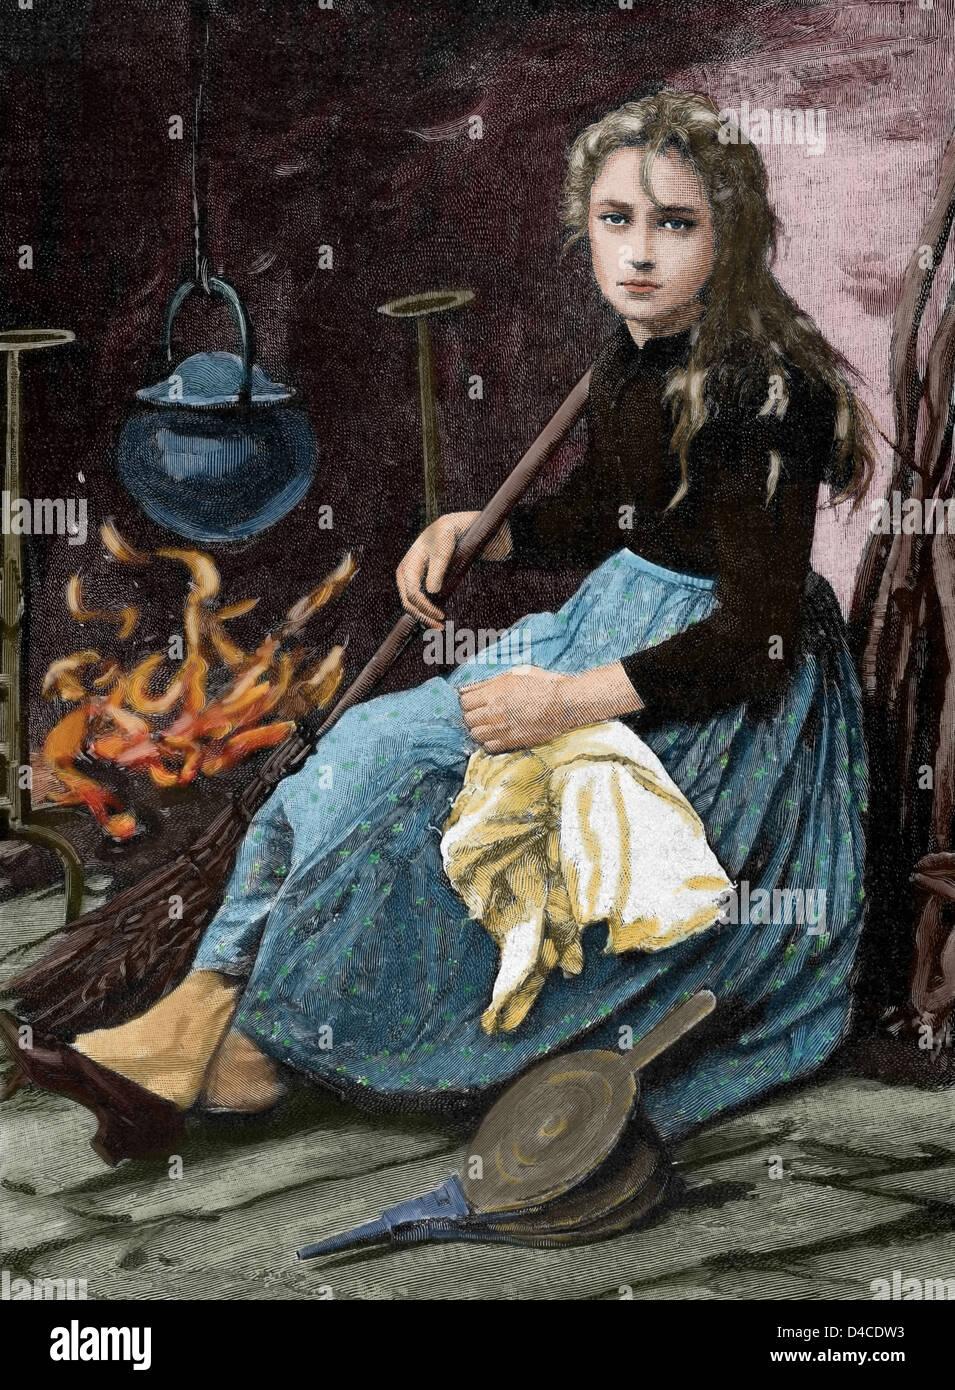 Cenerentola. Carattere nel racconto scritto da Charles Perrault. L'incisione nell'illustrazione iberica, Immagini Stock